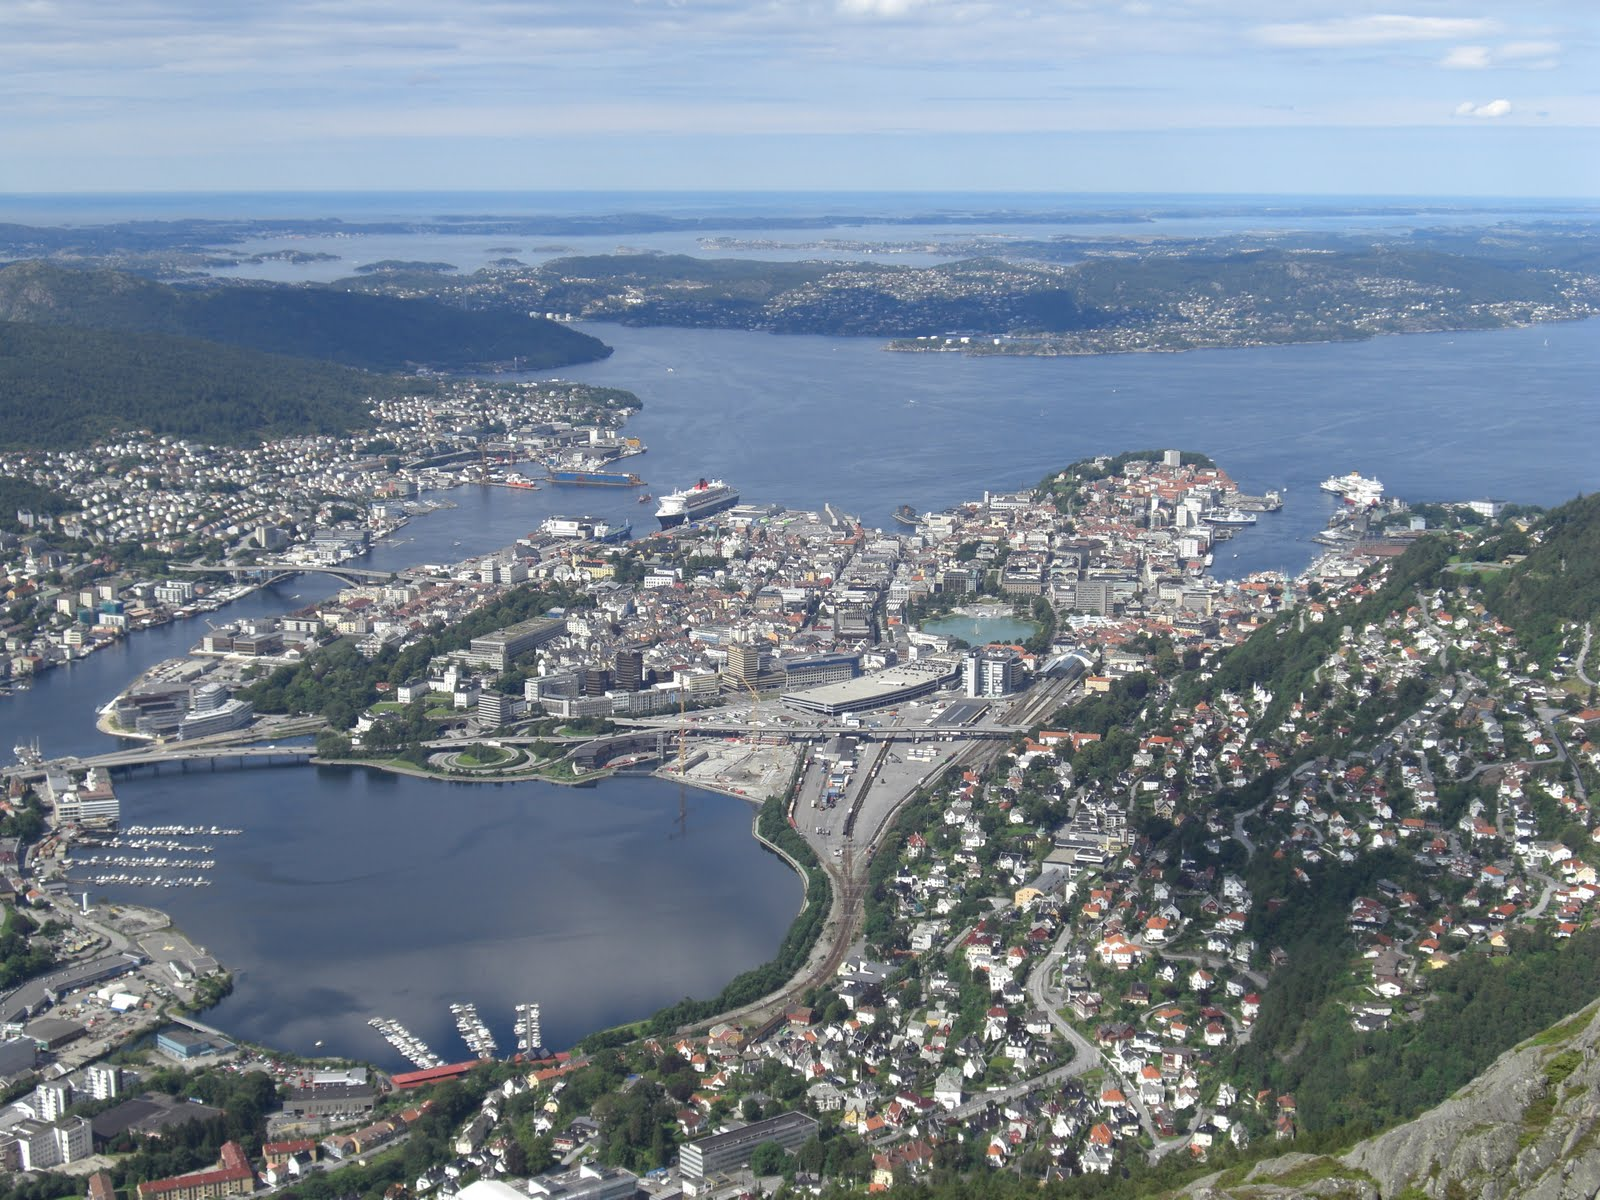 vi over 50 Bergen